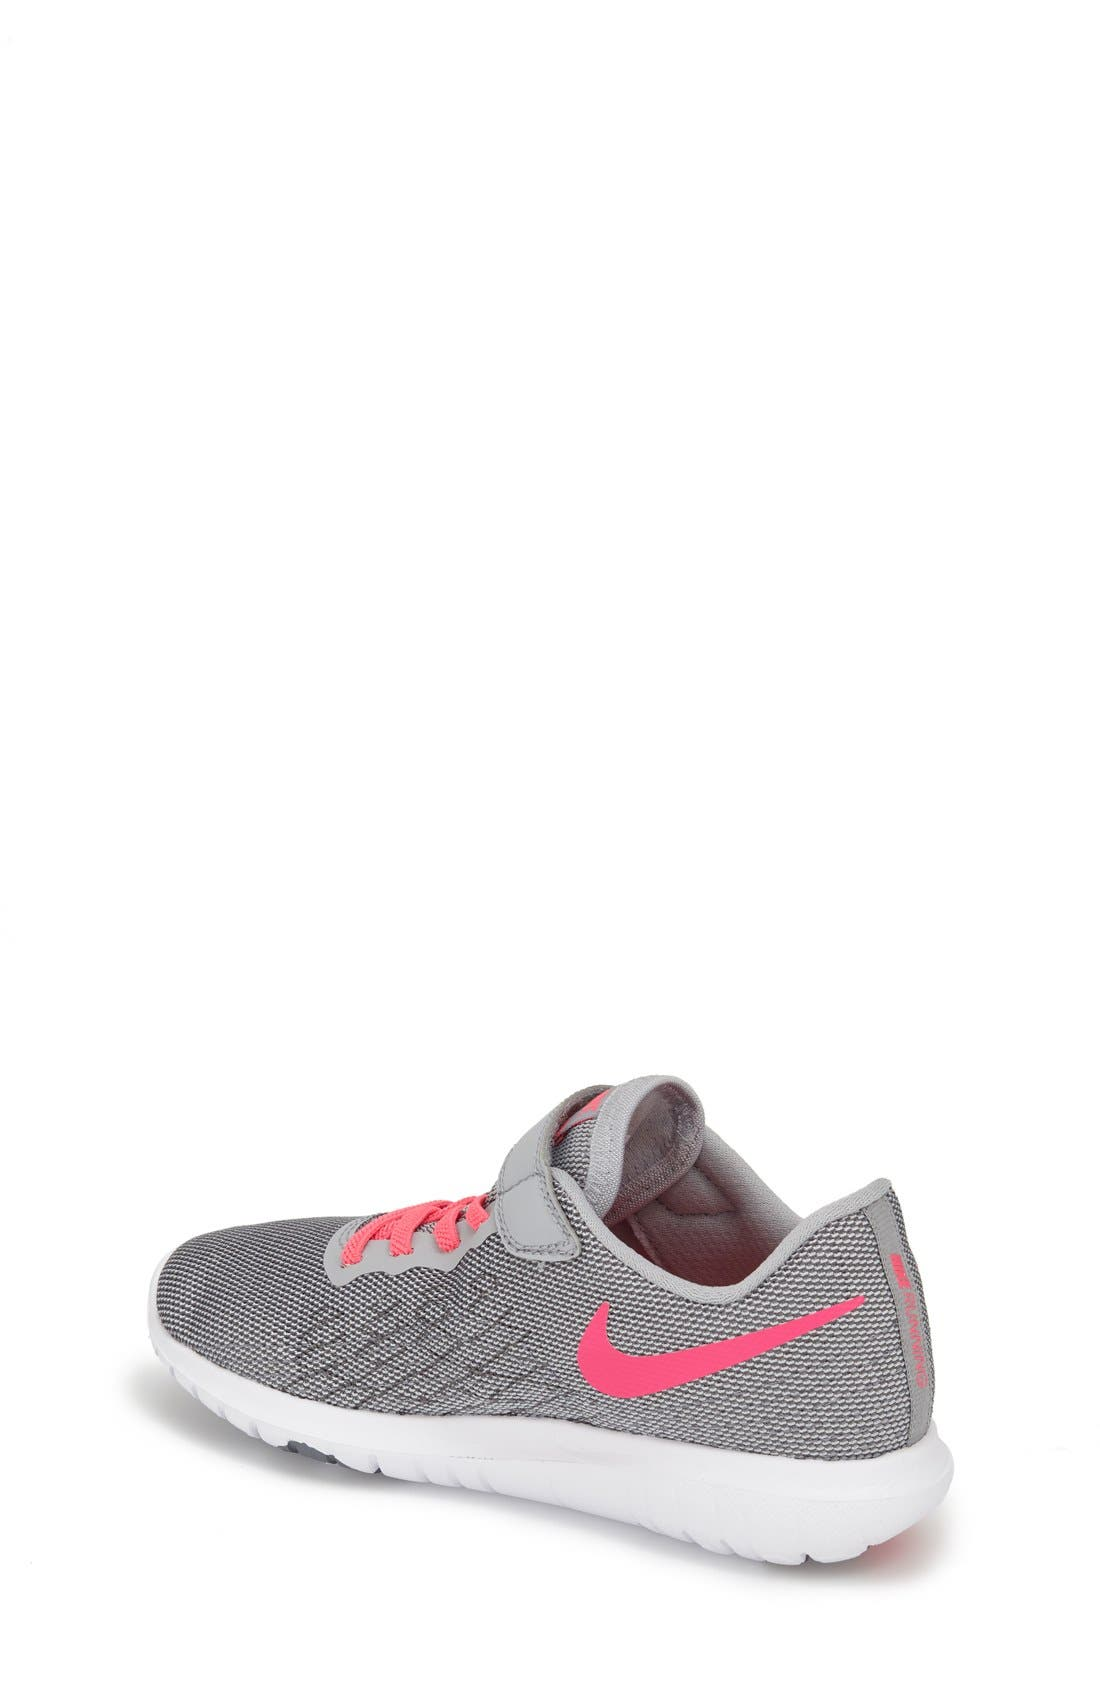 'Flex Fury 2' Athletic Shoe,                             Alternate thumbnail 4, color,                             020